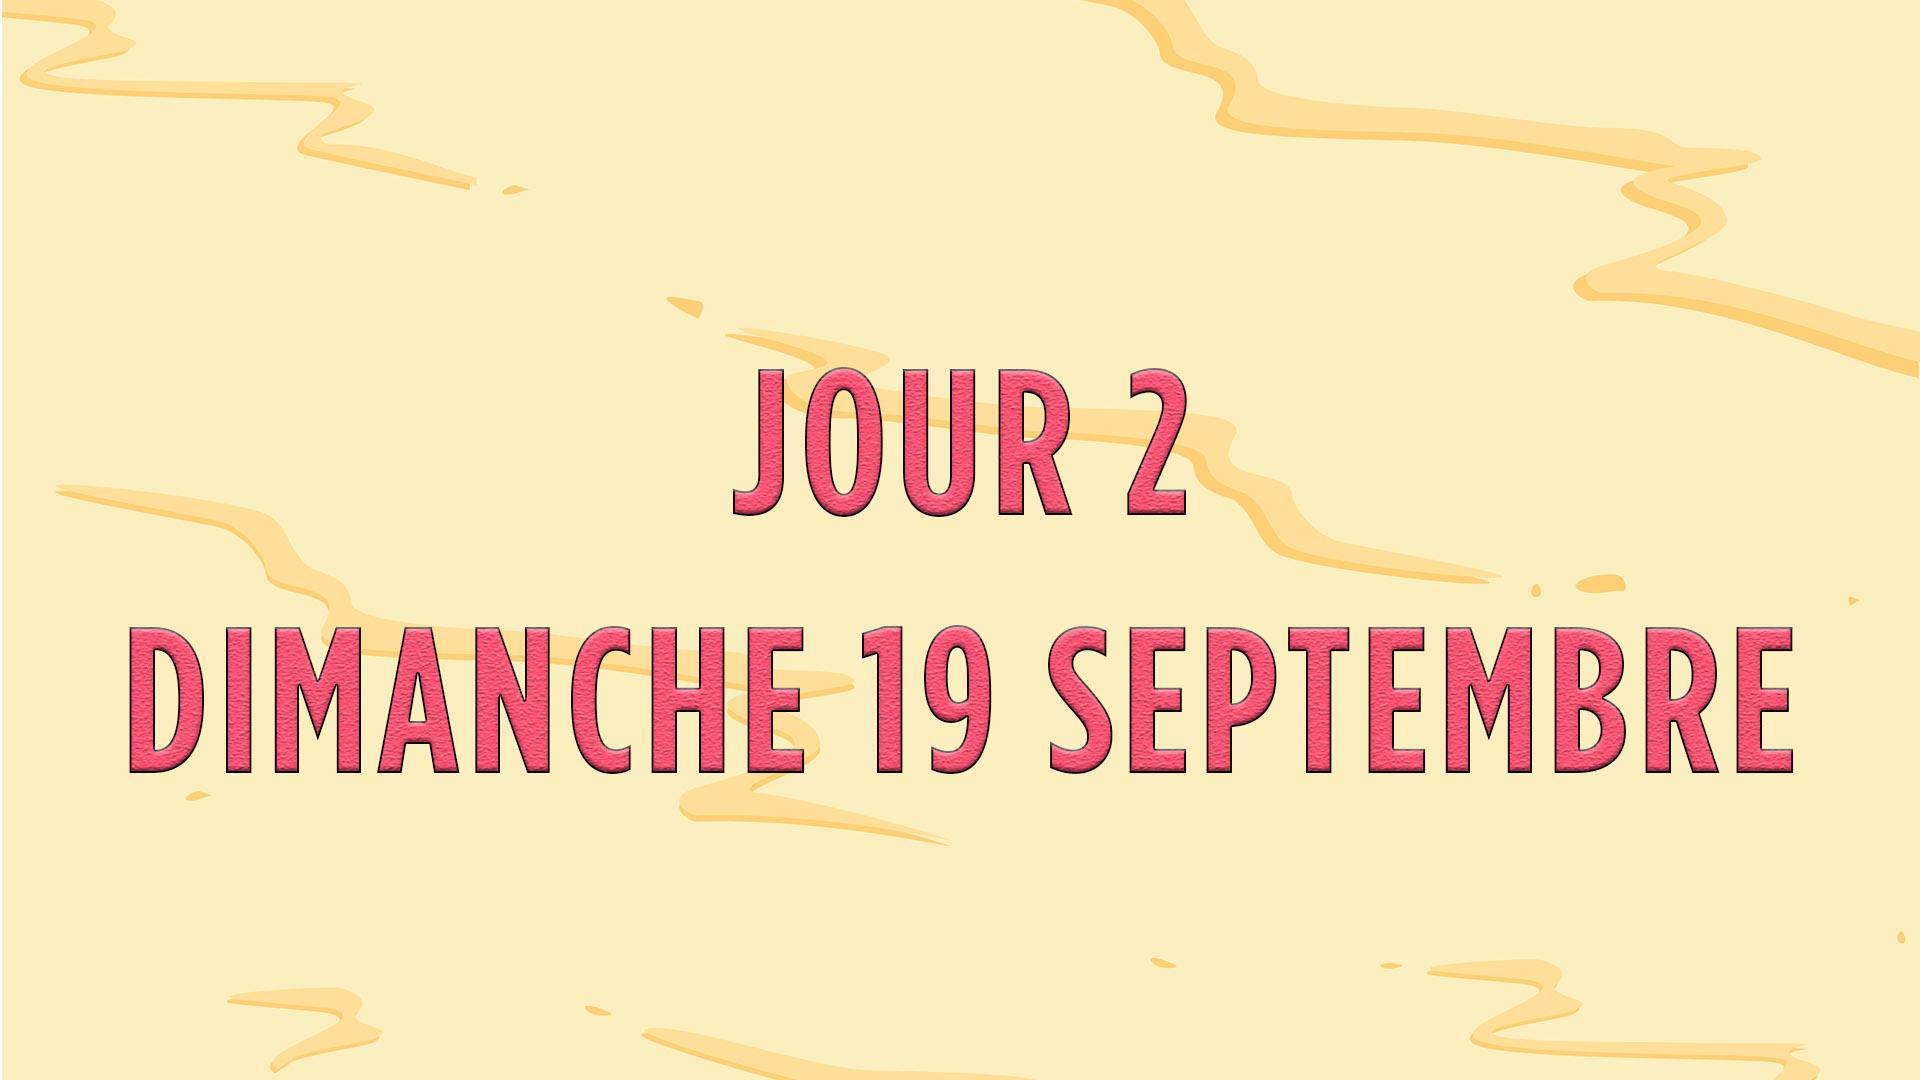 JOUR 2 - DIMANCHE 19 SEPTEMBRE 2021